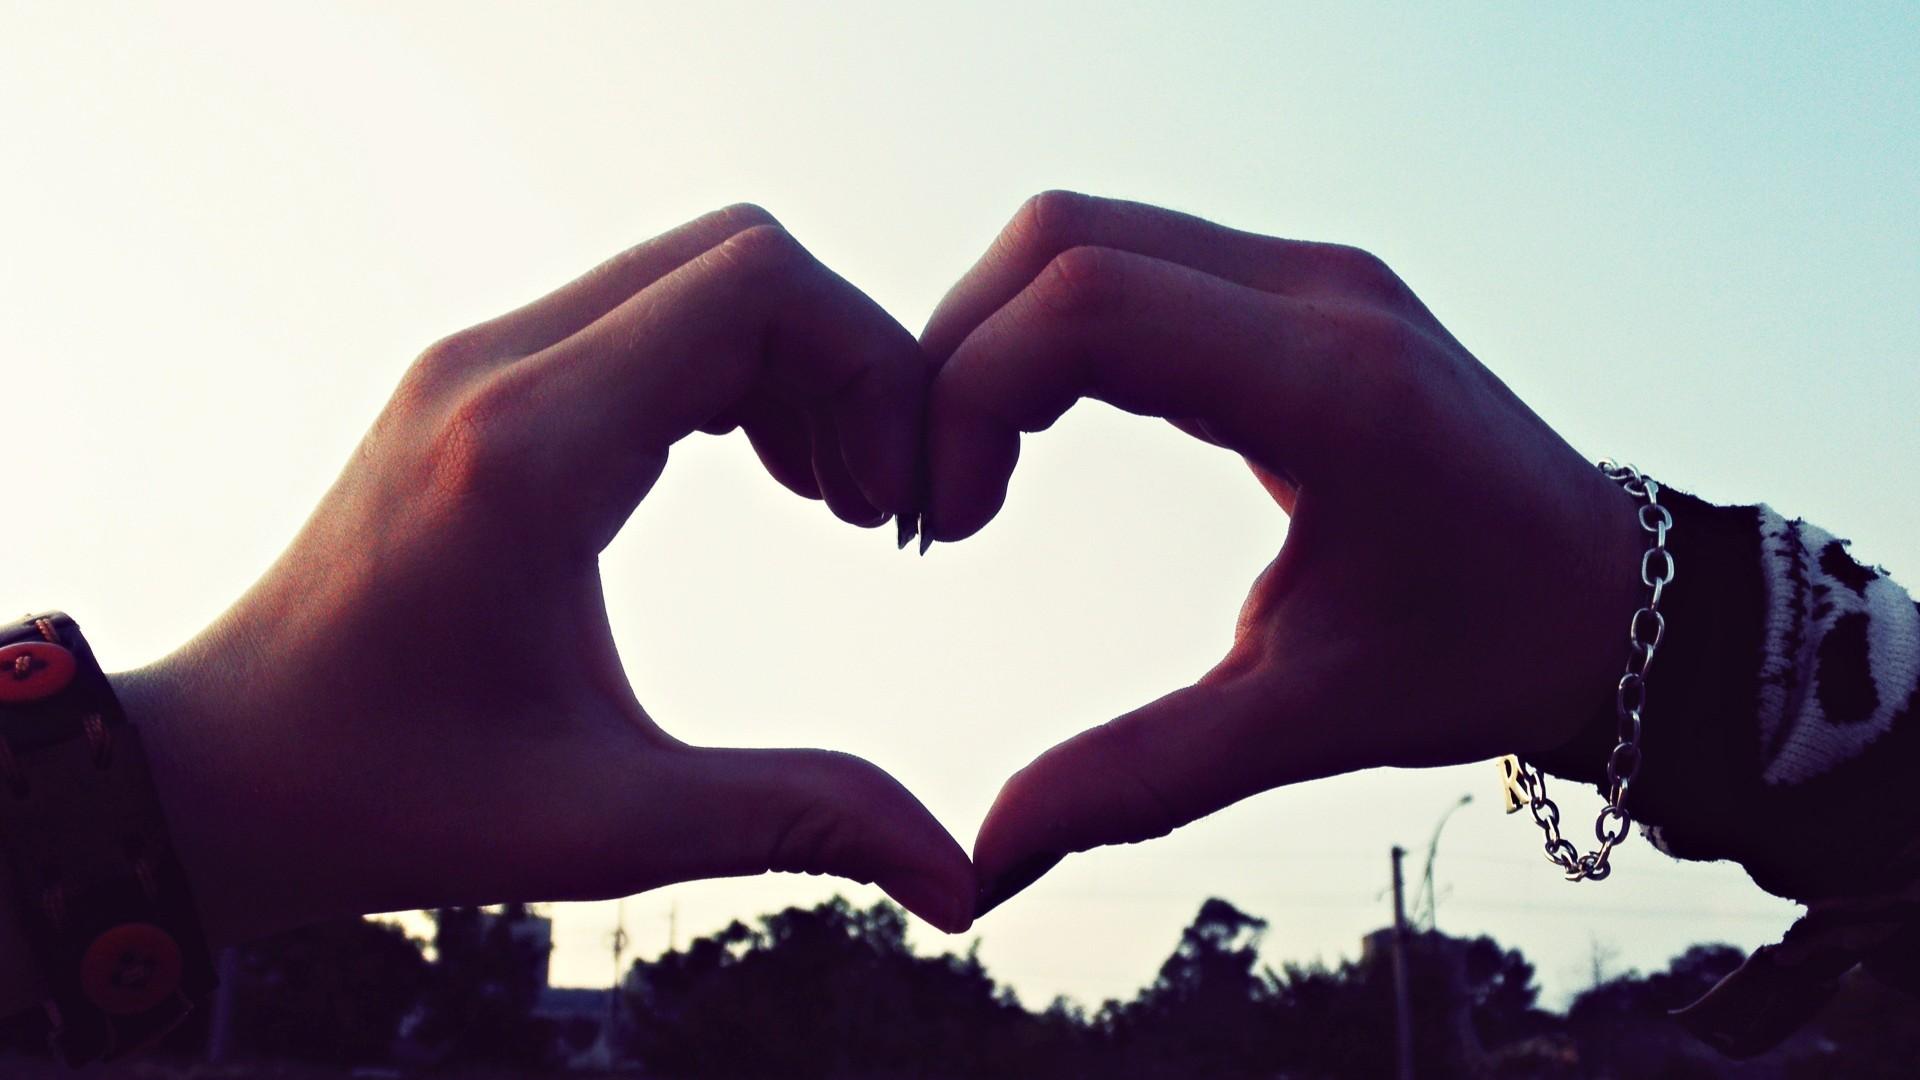 بالصور صور عن الحب , صور الحب والعشق وكلمات جميله 419 4